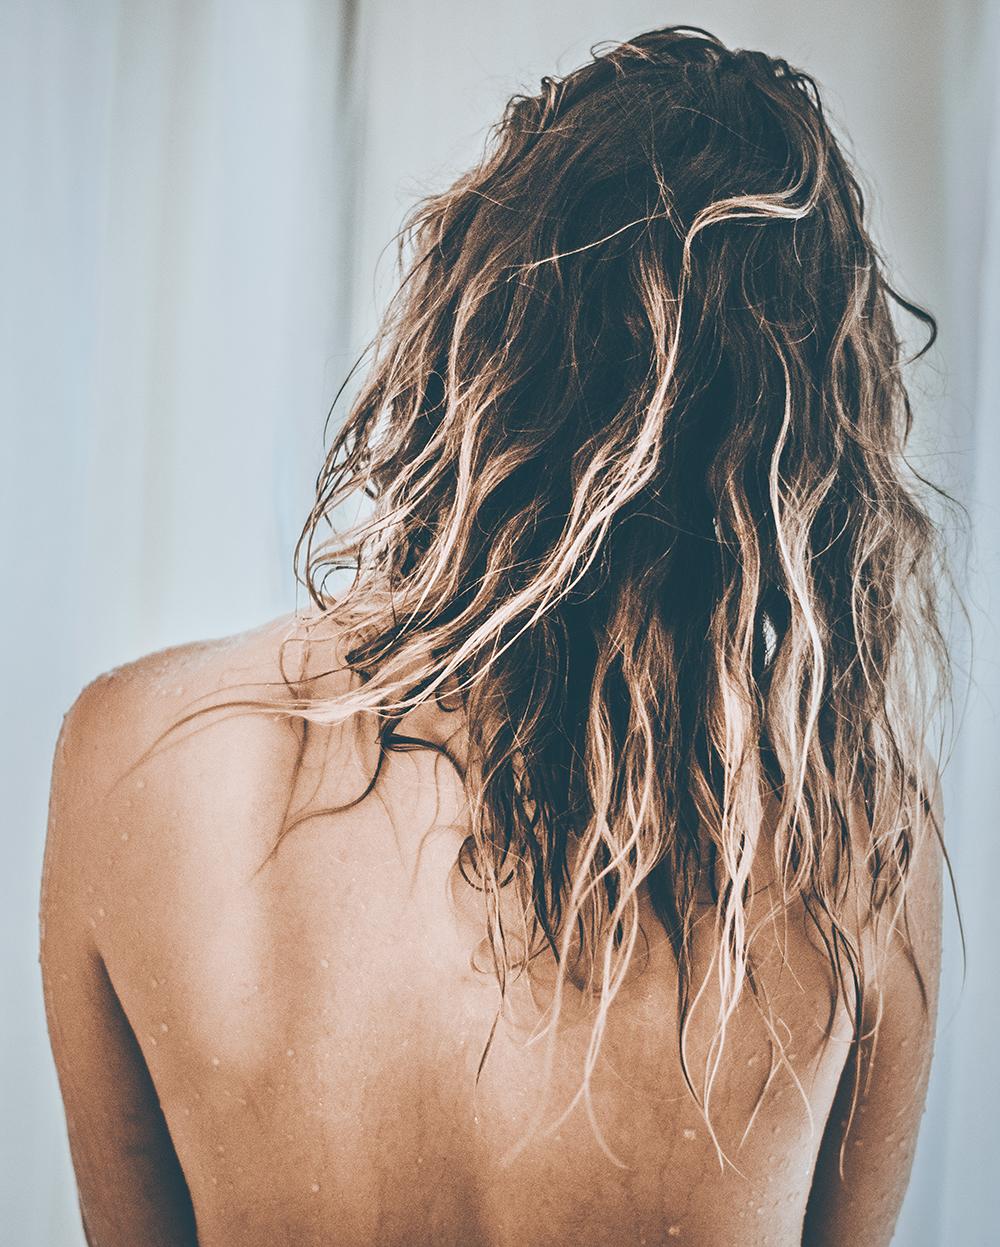 pleje af krøllet hår